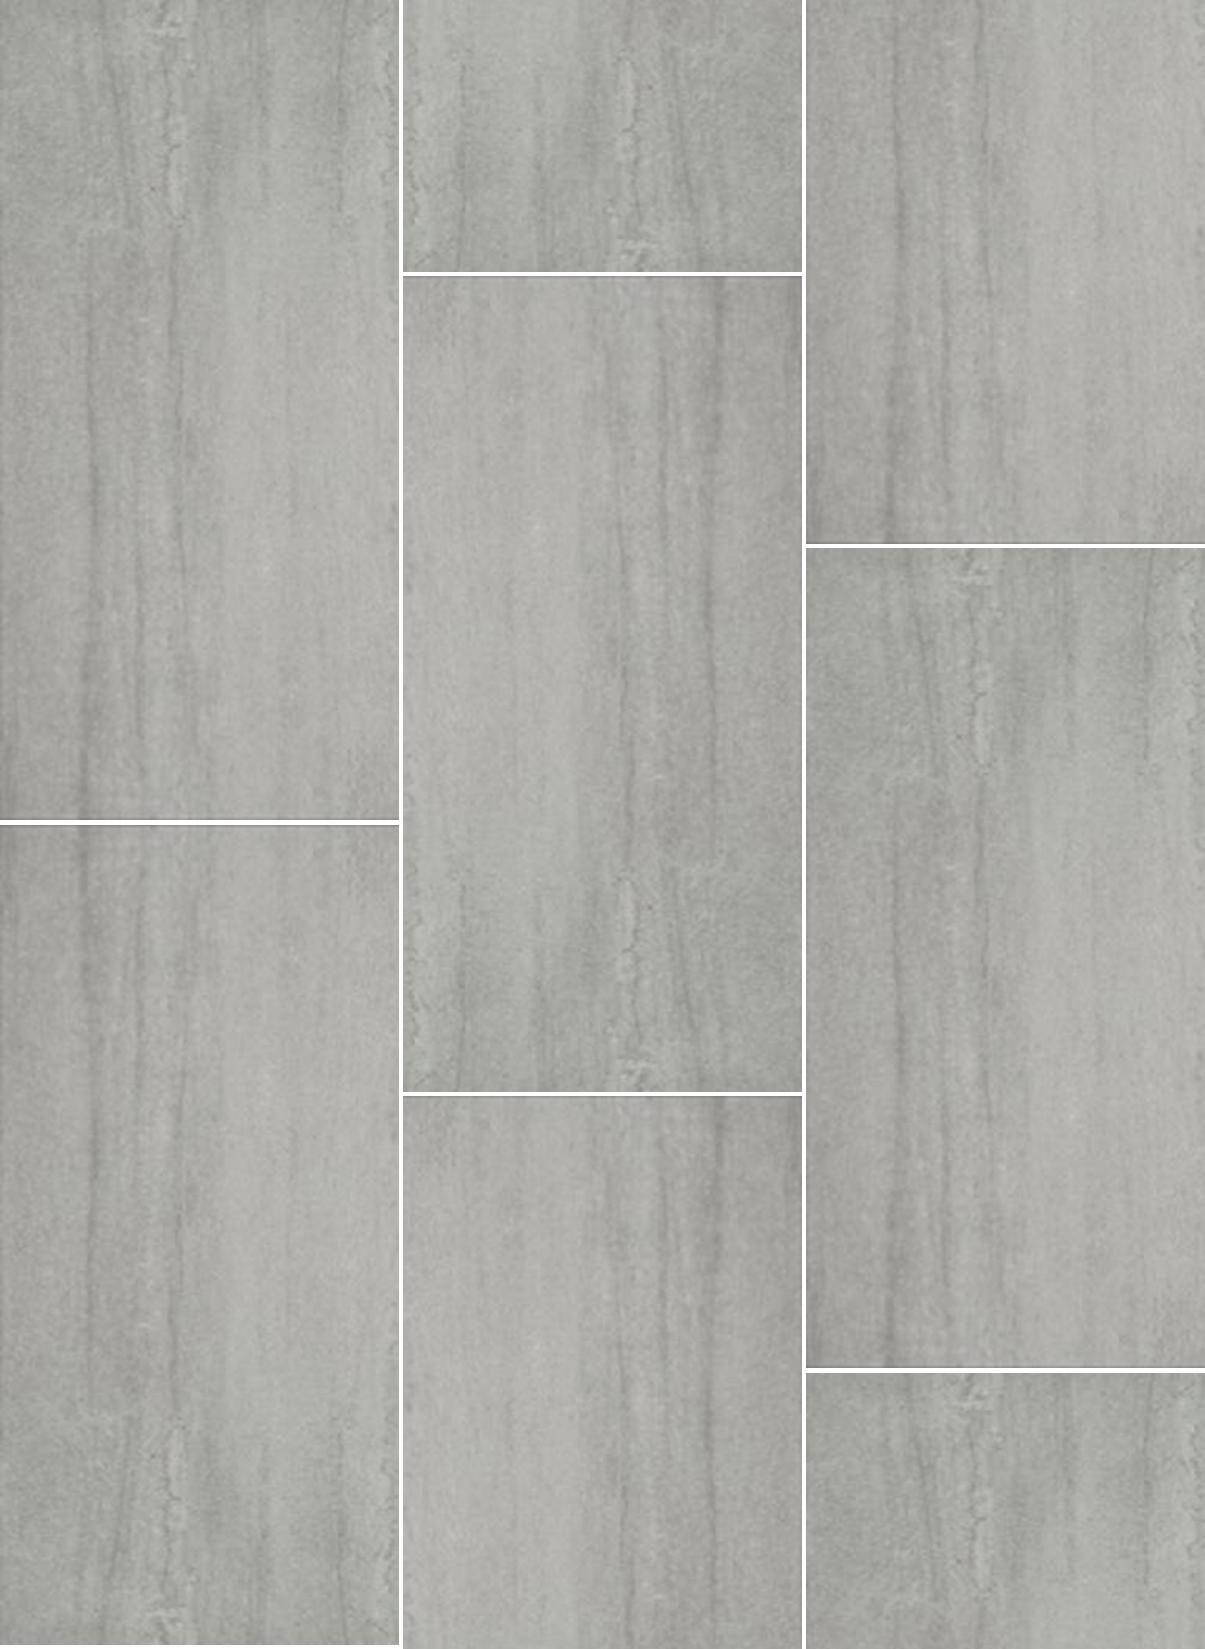 Interior Floor Tile Texture For Good Modern Ceramic Tiles Texture Amazing Tile Floor Tiles Grey Floor Tiles Grey Bathroom Floor Gray Tile Bathroom Floor